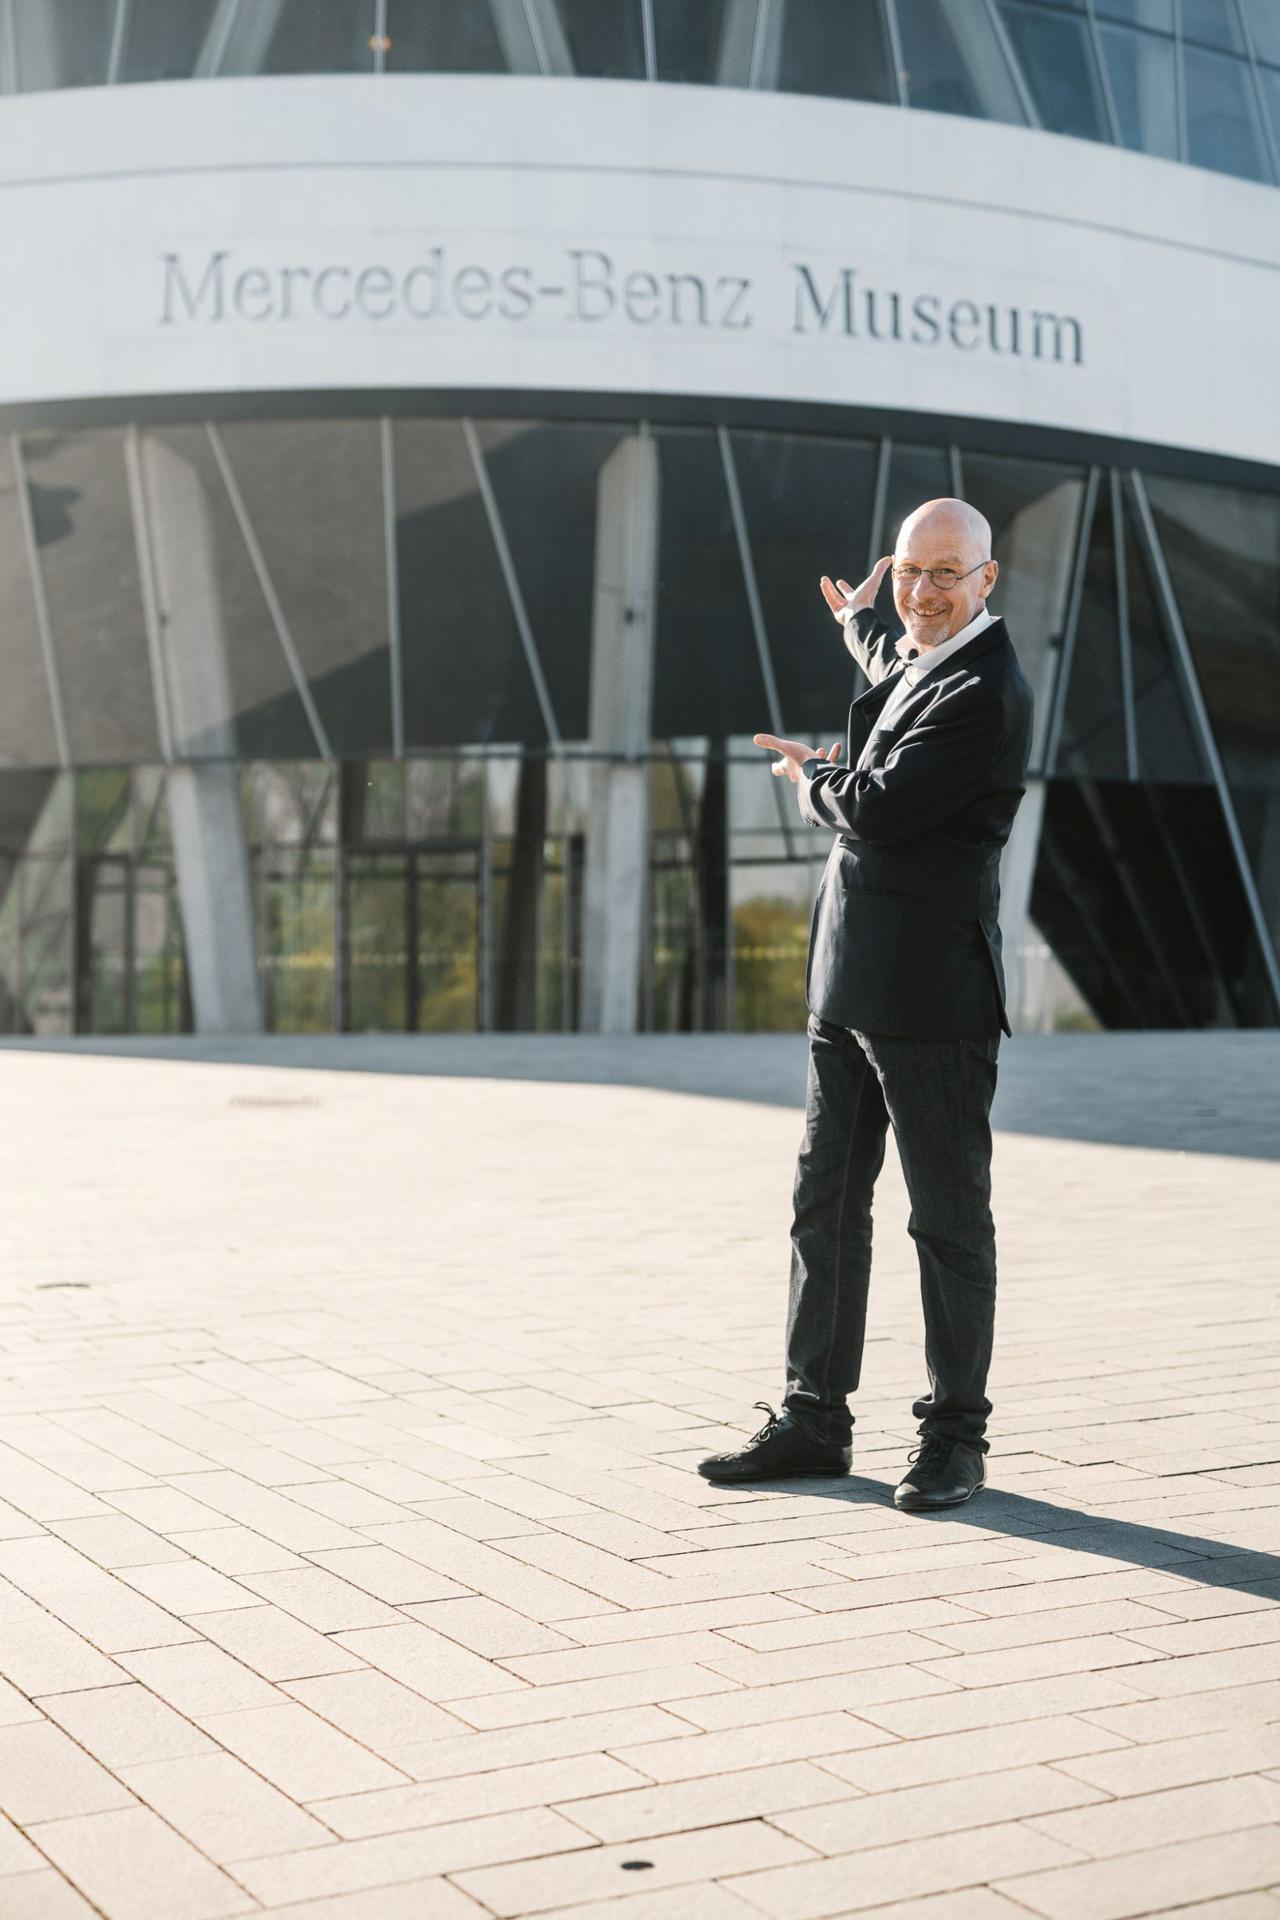 Virtuell durchs Mercedes-Benz Museum? Das Museum bietet über die Webseite und Social Media umfangreiche Möglichkeiten, die Dauerausstellung digital zu erkunden. Unter anderem mit Museumsguide Pádraic Ó Leanacháin.